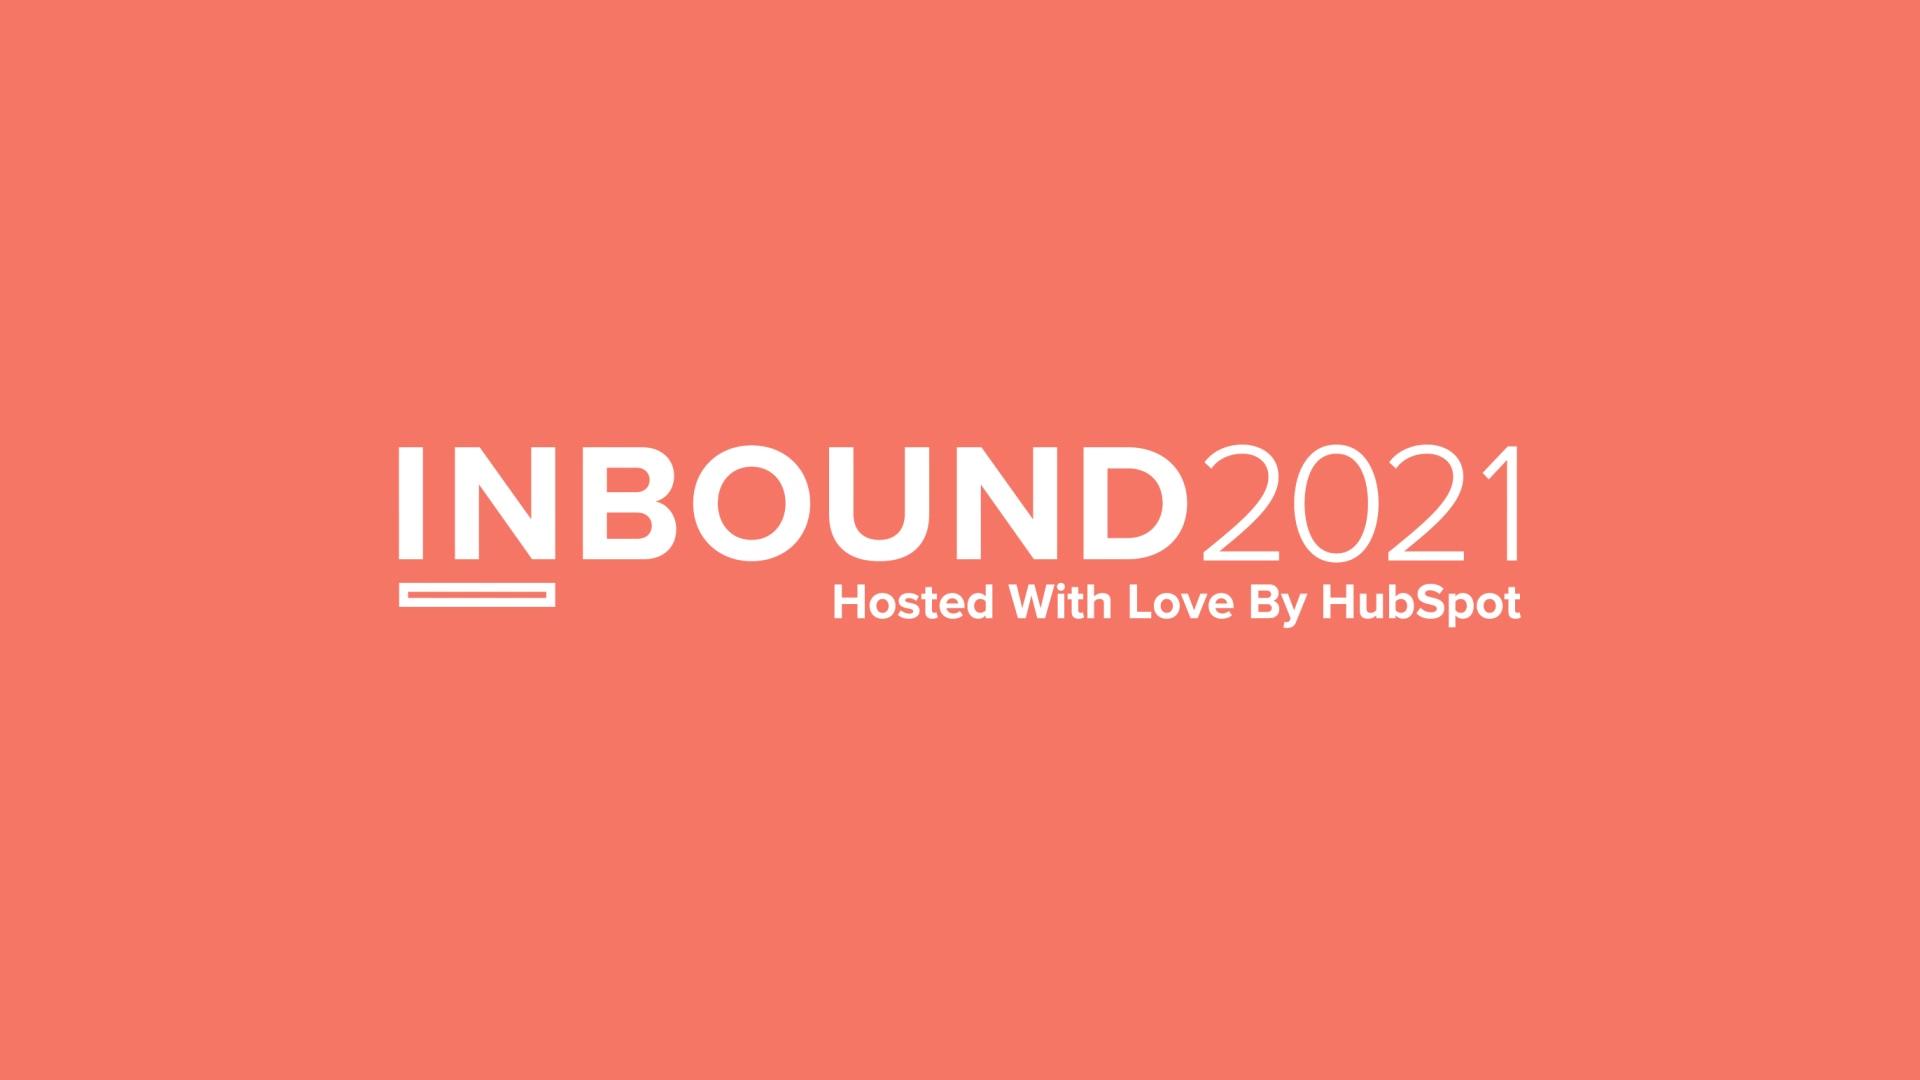 HubSpot new releases INBOUND 2021